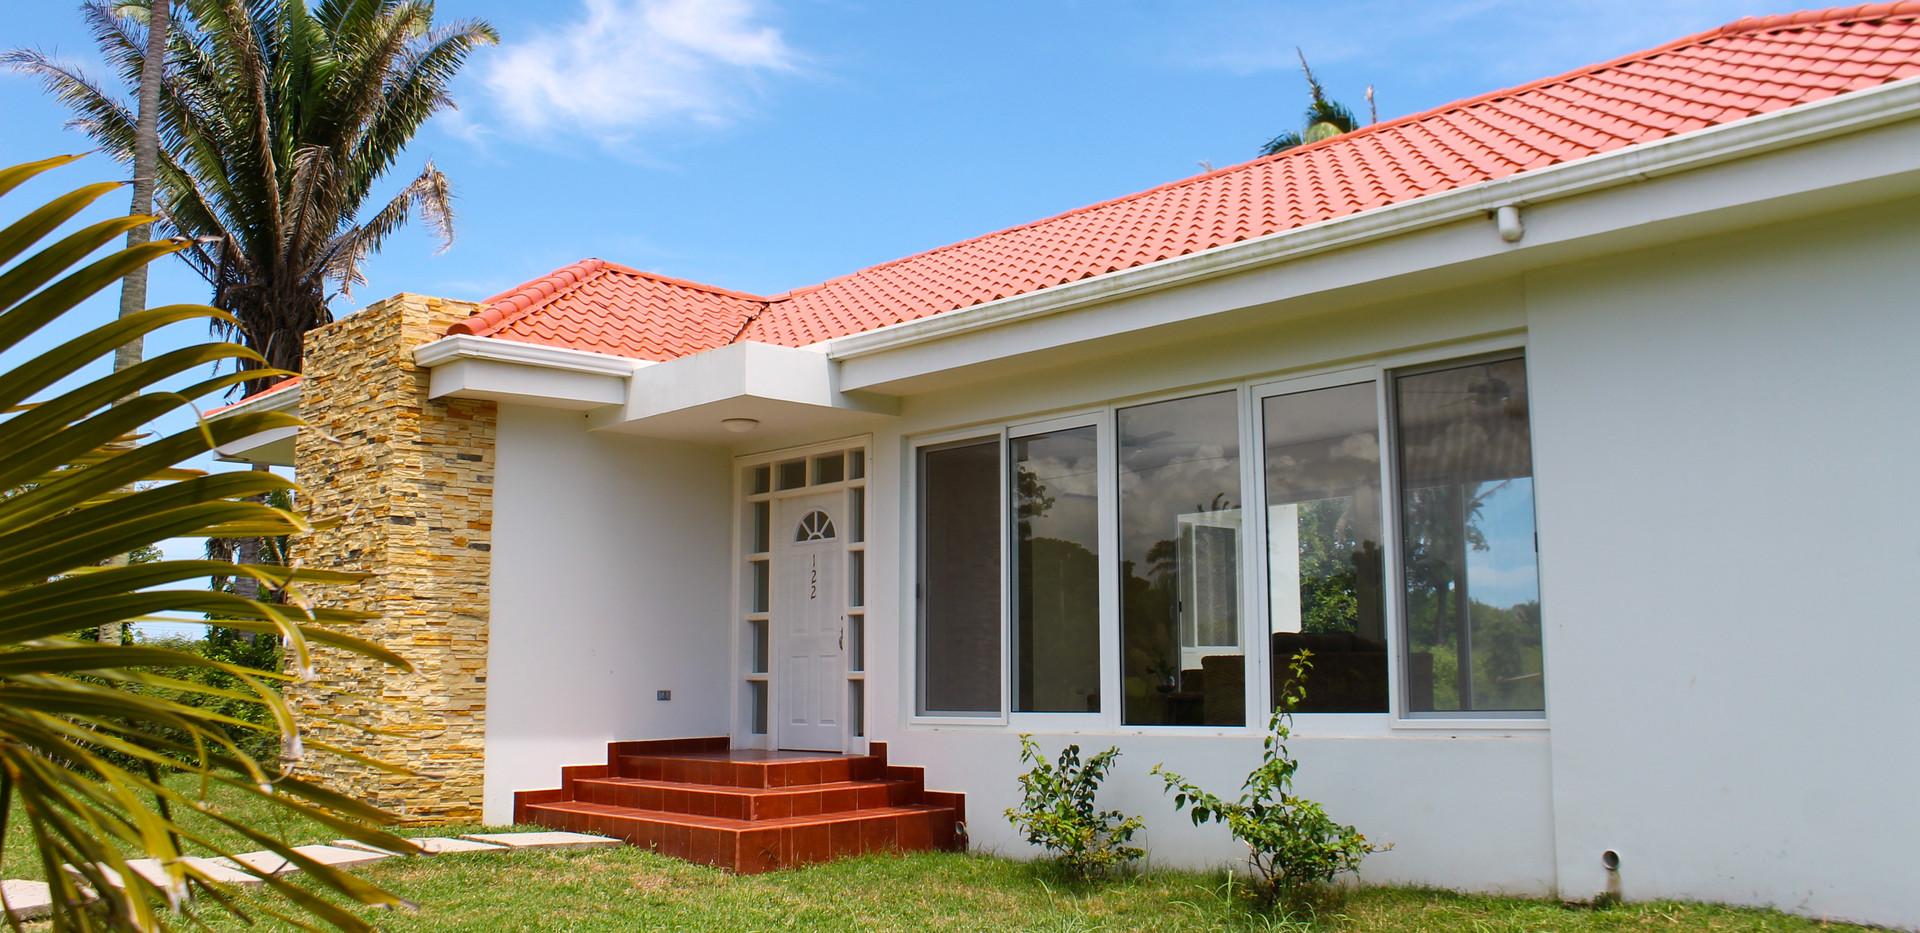 Custom home exterior.